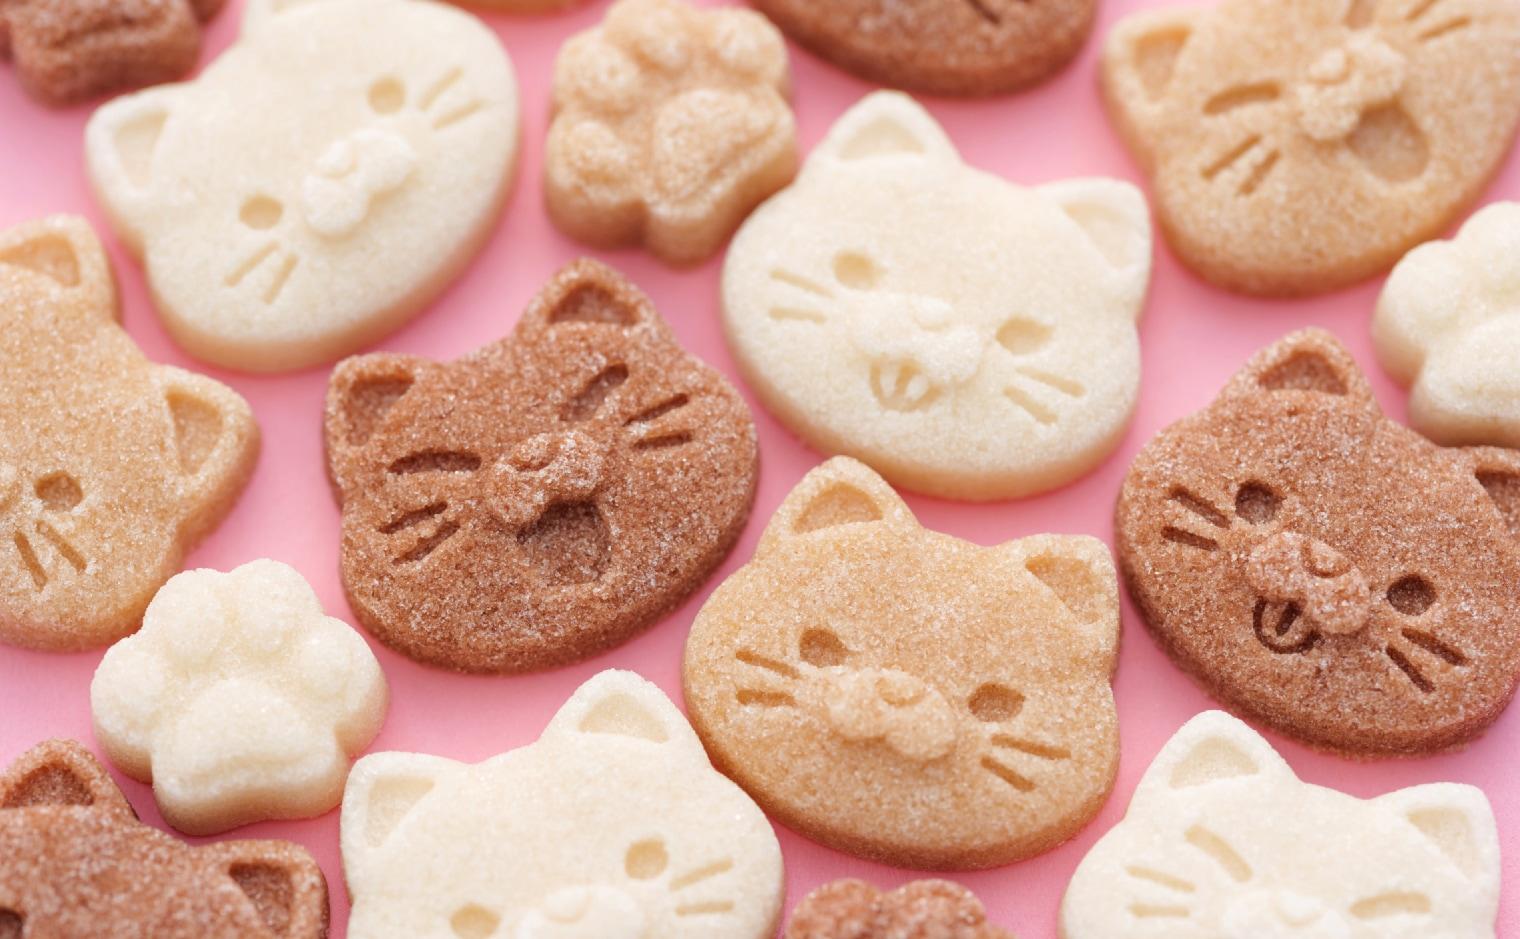 デザインシュガー,物語のある砂糖,かわいい,可愛い,手土産,ご挨拶,アニマル,動物,animal,ねこ,猫,喫茶,カフェ,癒し,顔,肉球,表情